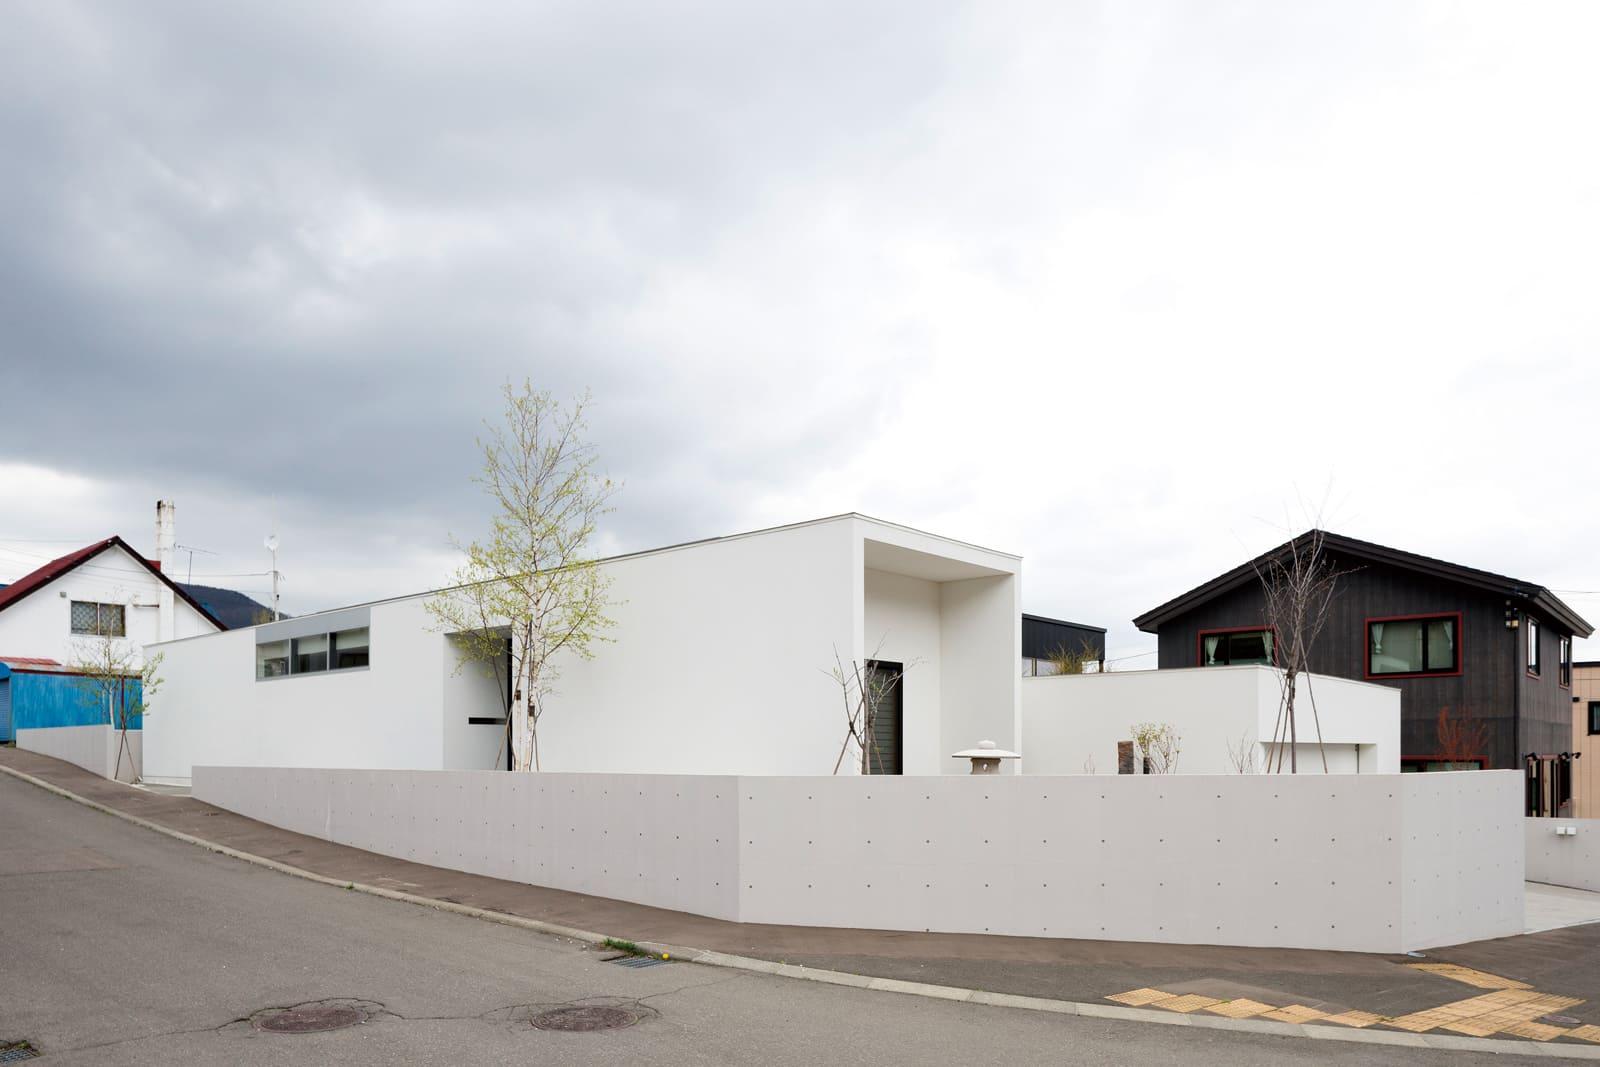 建物外観は白で統一され、奥行きのある建物をより印象深くしている。道路側は高窓にすることでプライバシーと採光を確保